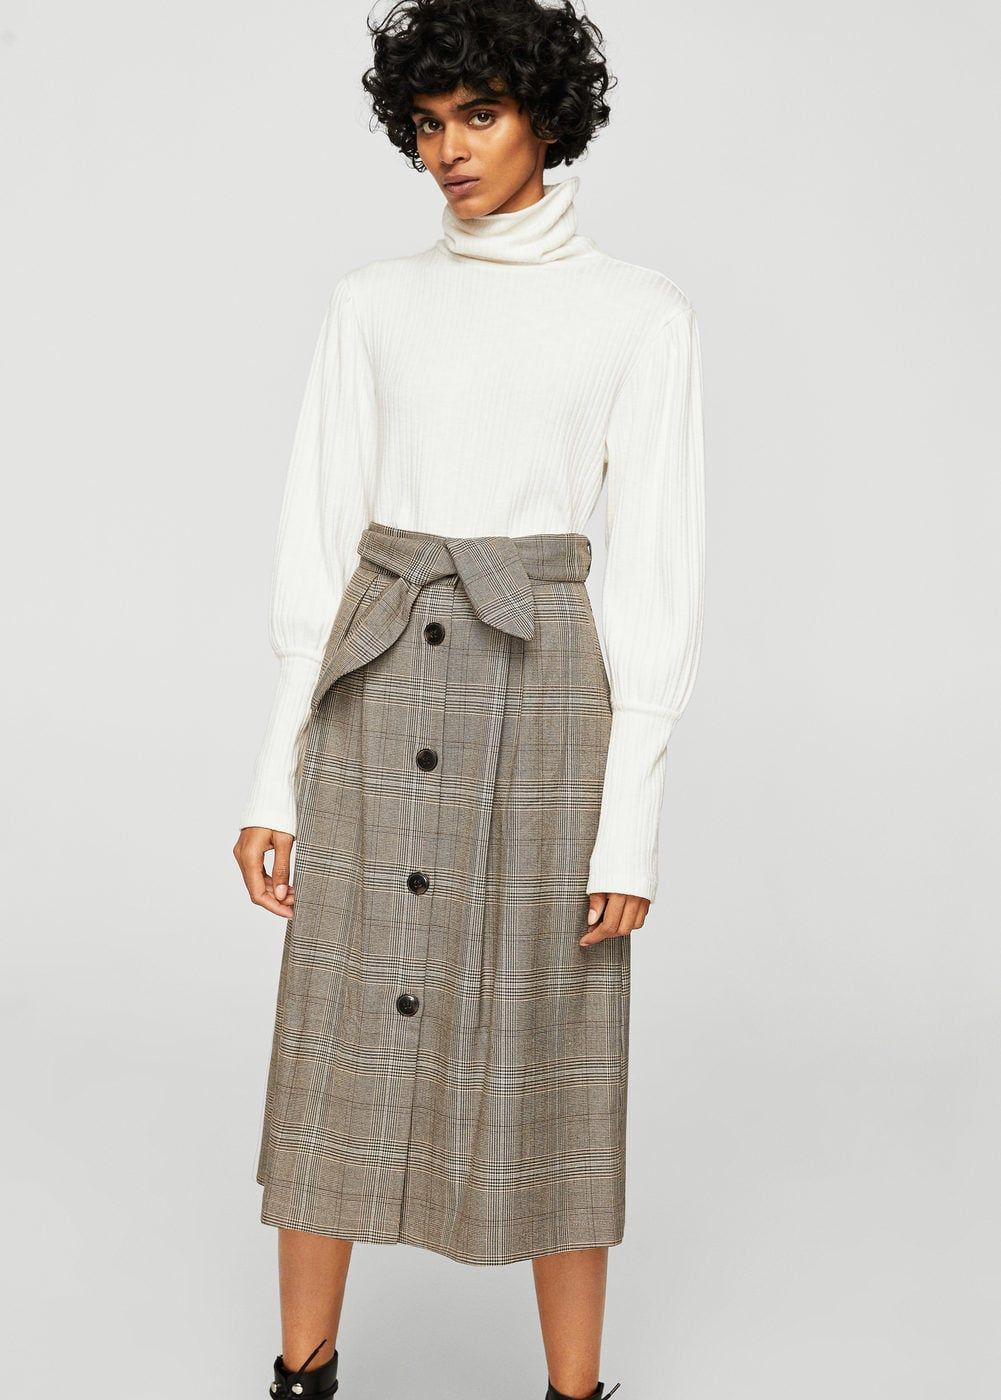 Missoni falda midi con dobladillo asimétrico - Multicolor farfetch Otoño/Invierno za9k9T